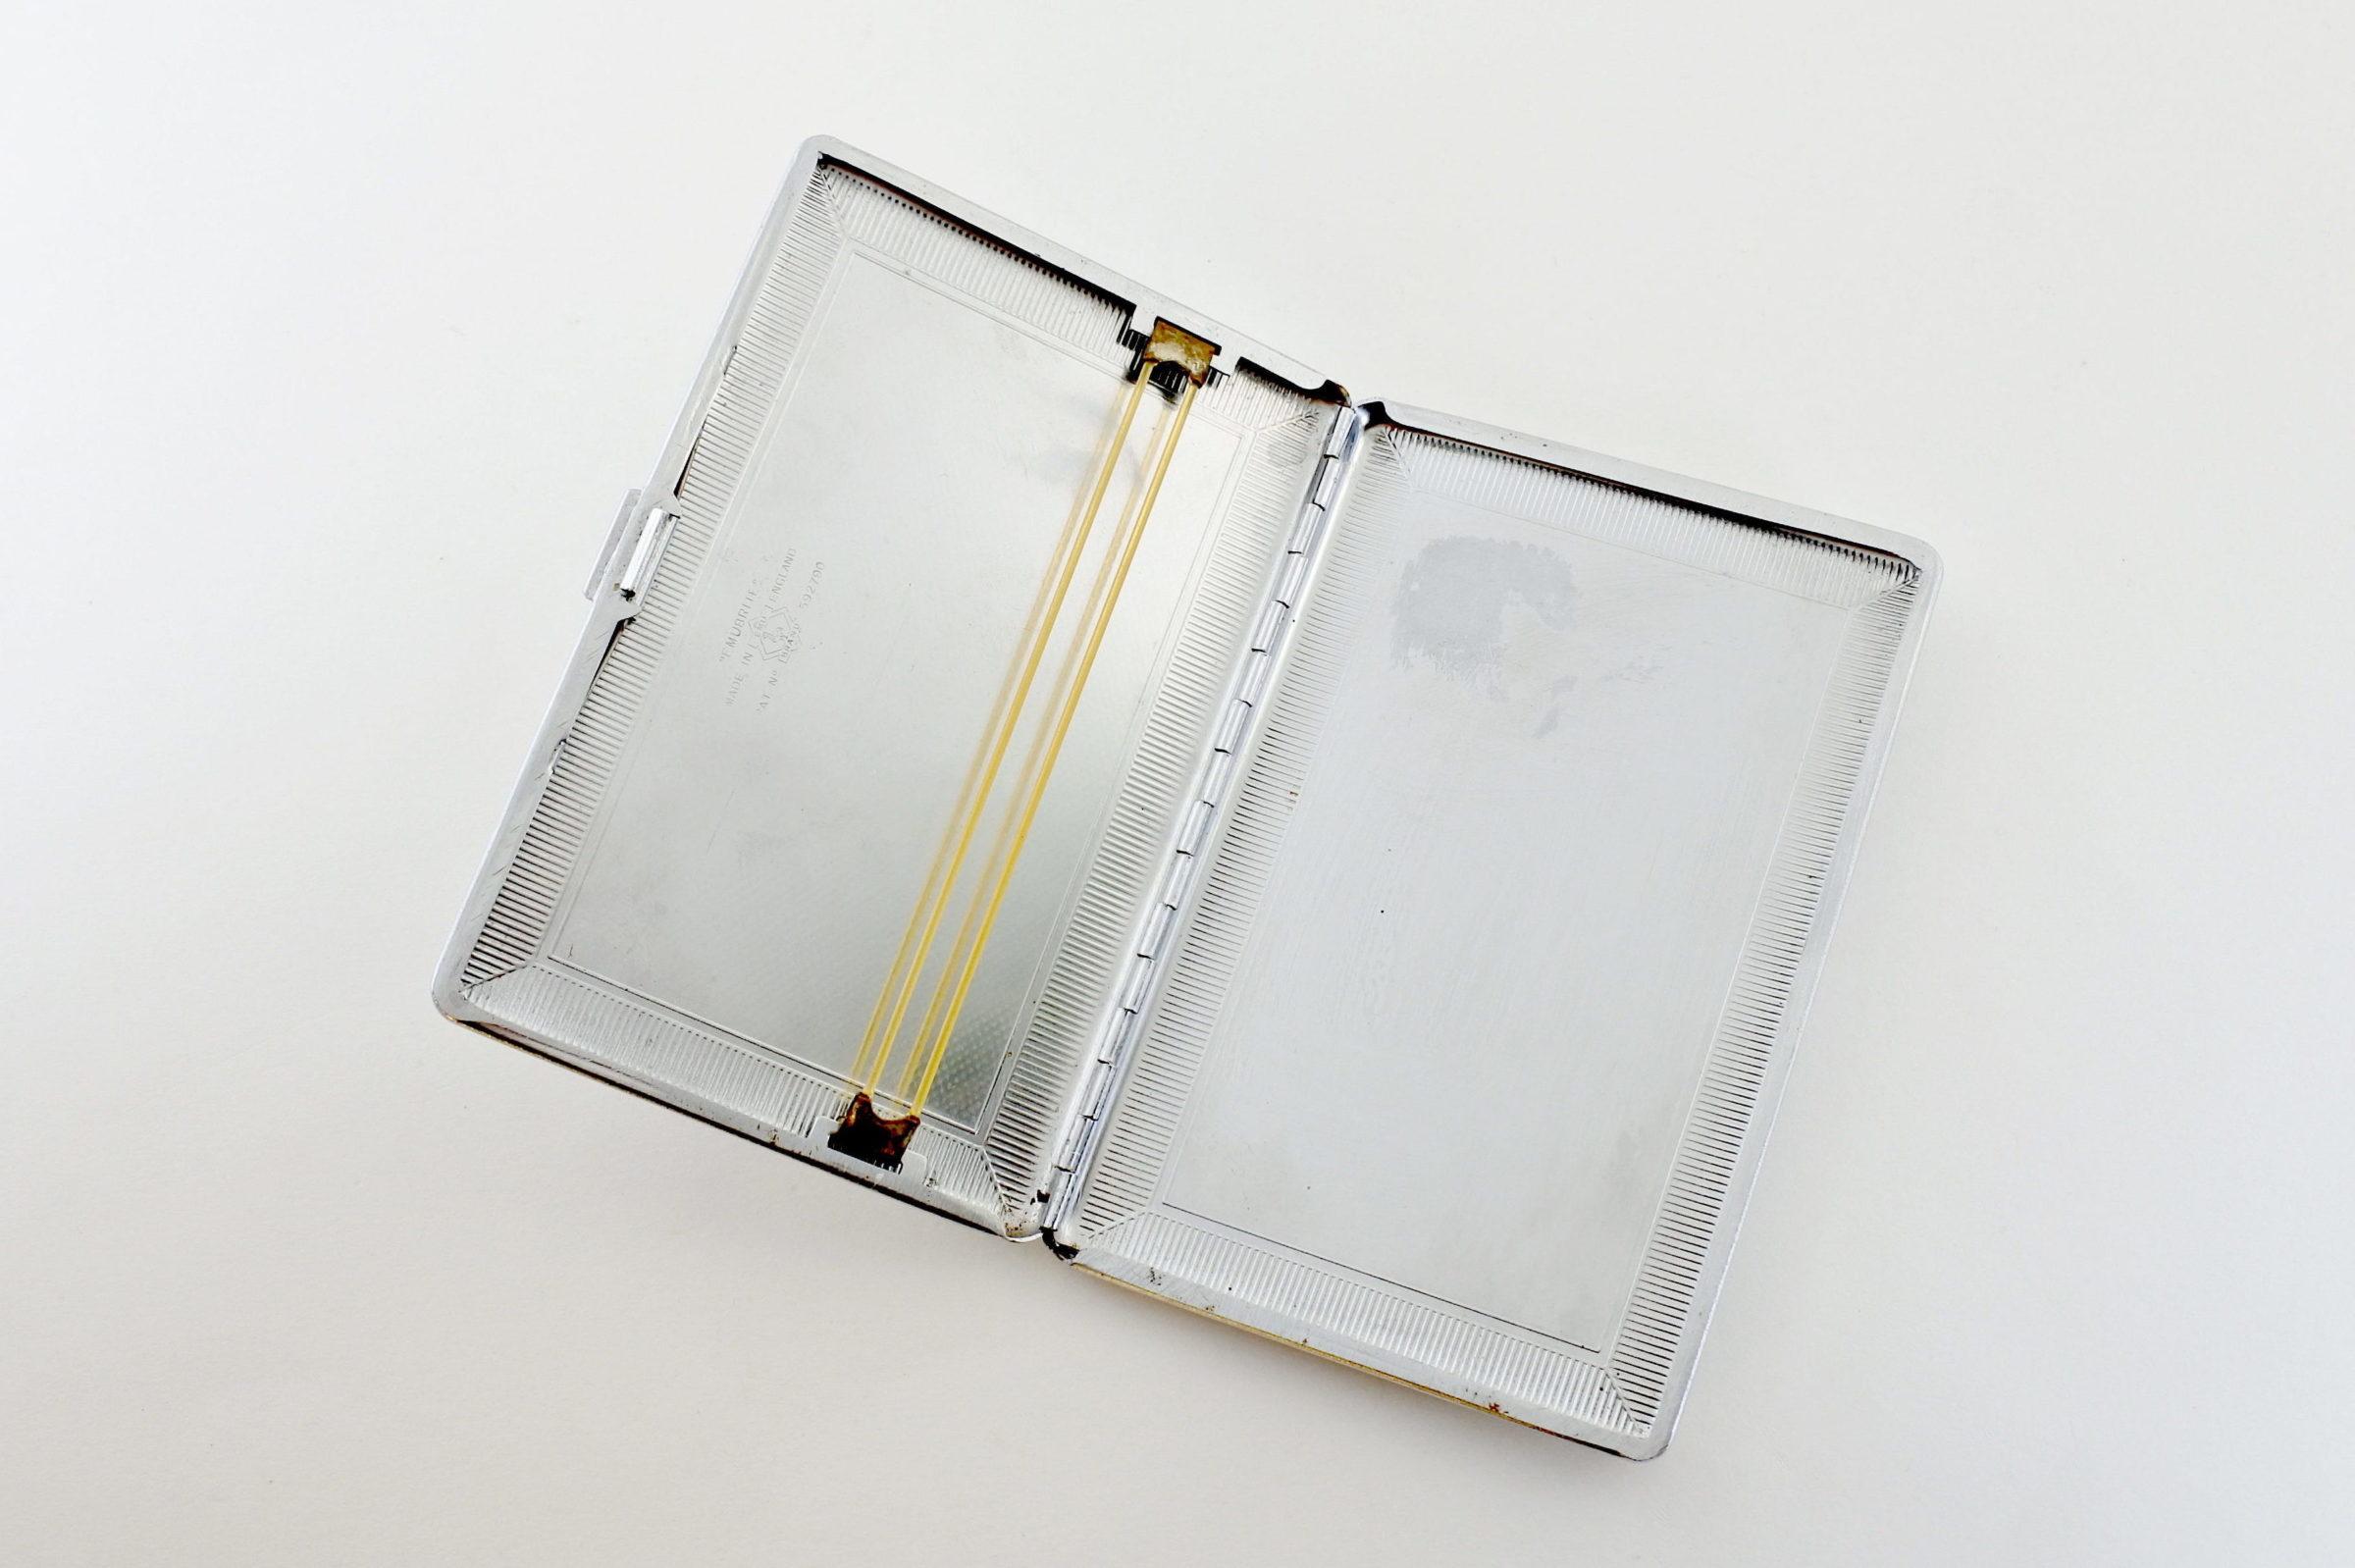 Portasigarette massonico in metallo argentato e madreperla - 3